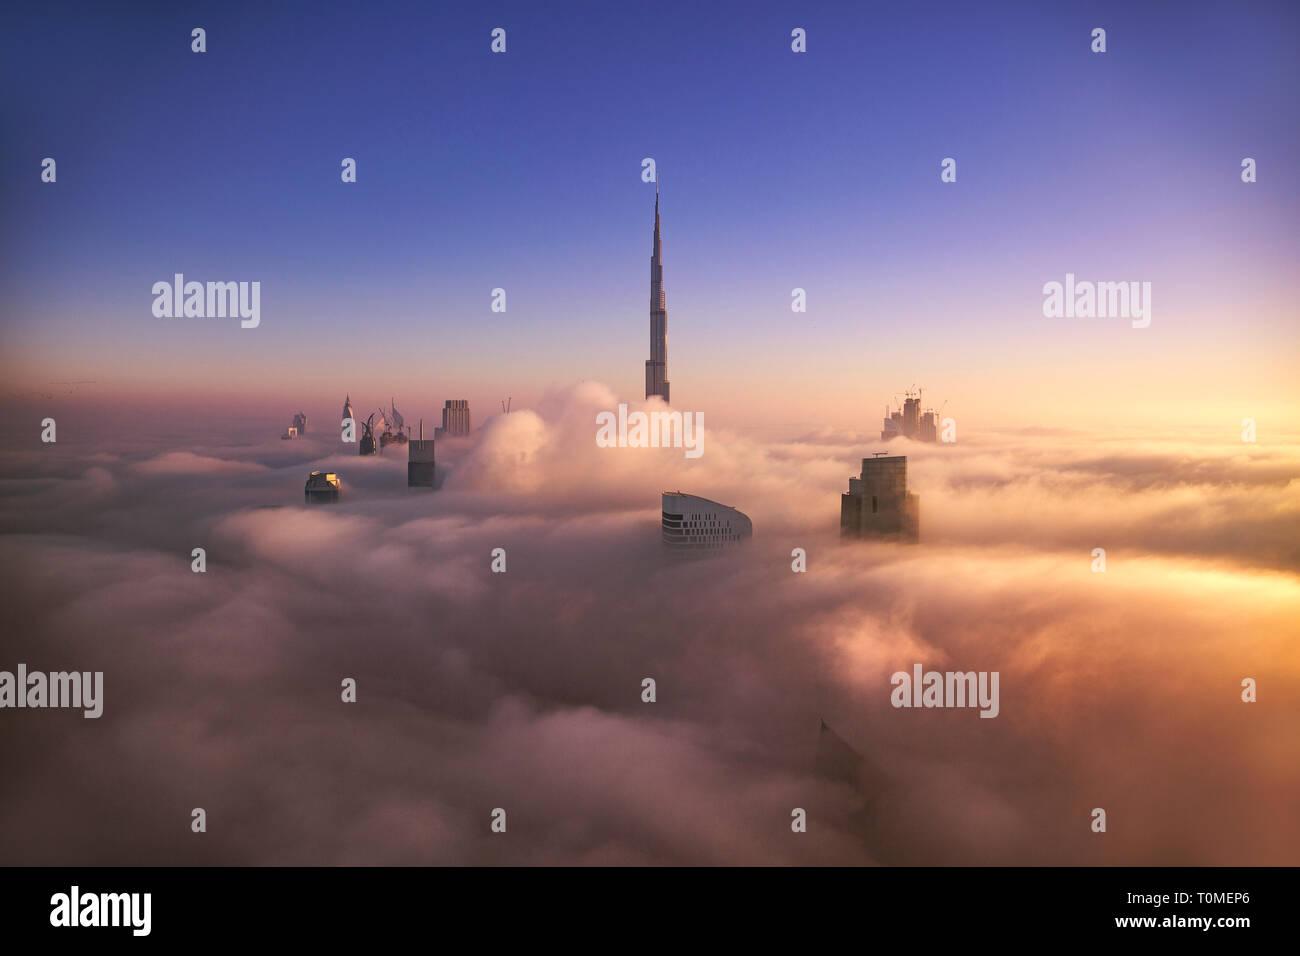 Un lever de soleil brumeux, centre-ville, DUBAÏ, ÉMIRATS ARABES UNIS Banque D'Images